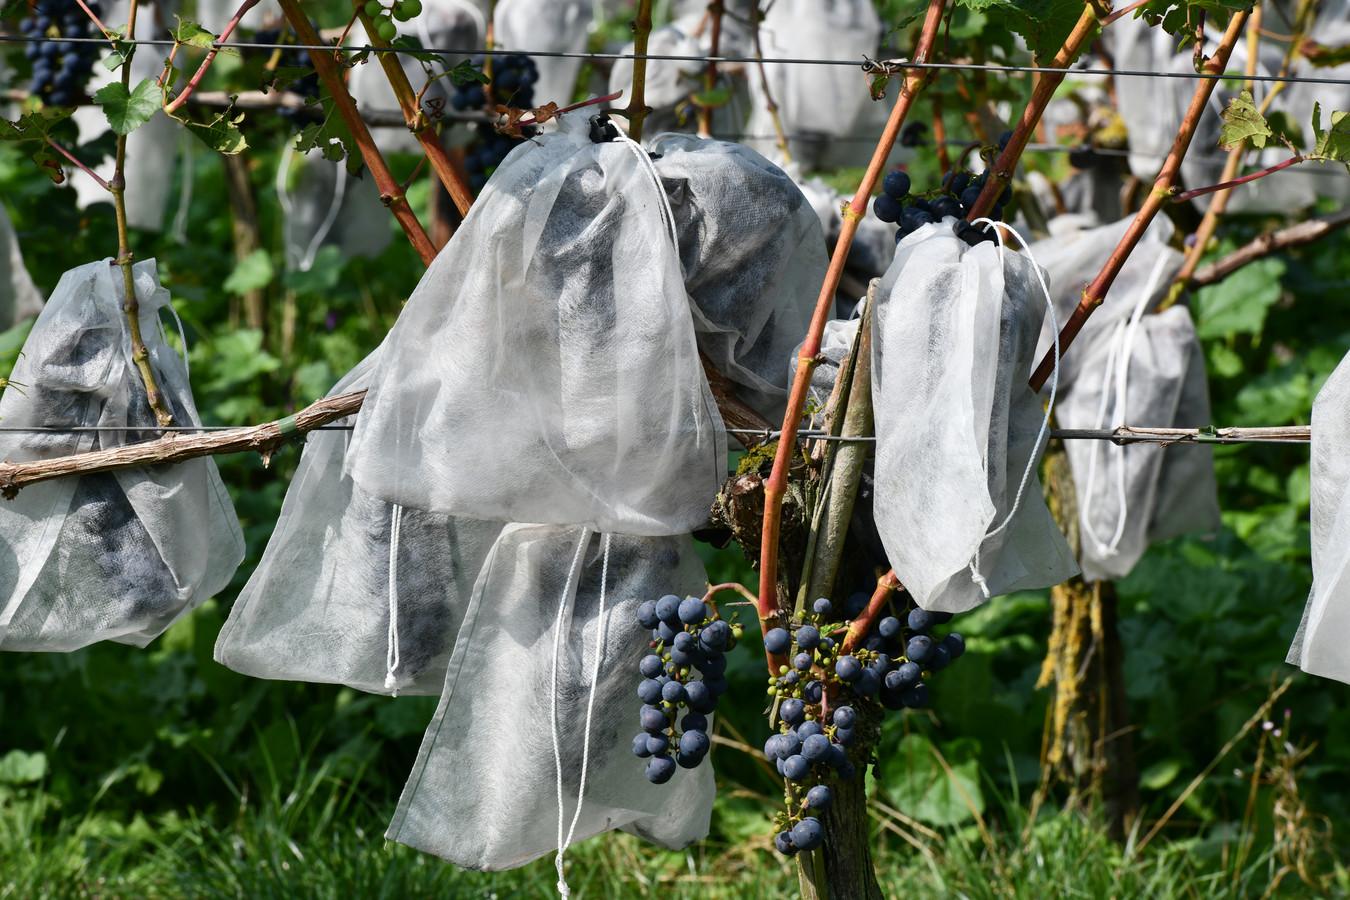 Er wordt steeds meer wijn geproduceerd in Rivierenland, zoals hier in Erichem bij Betuws Wijndomein.